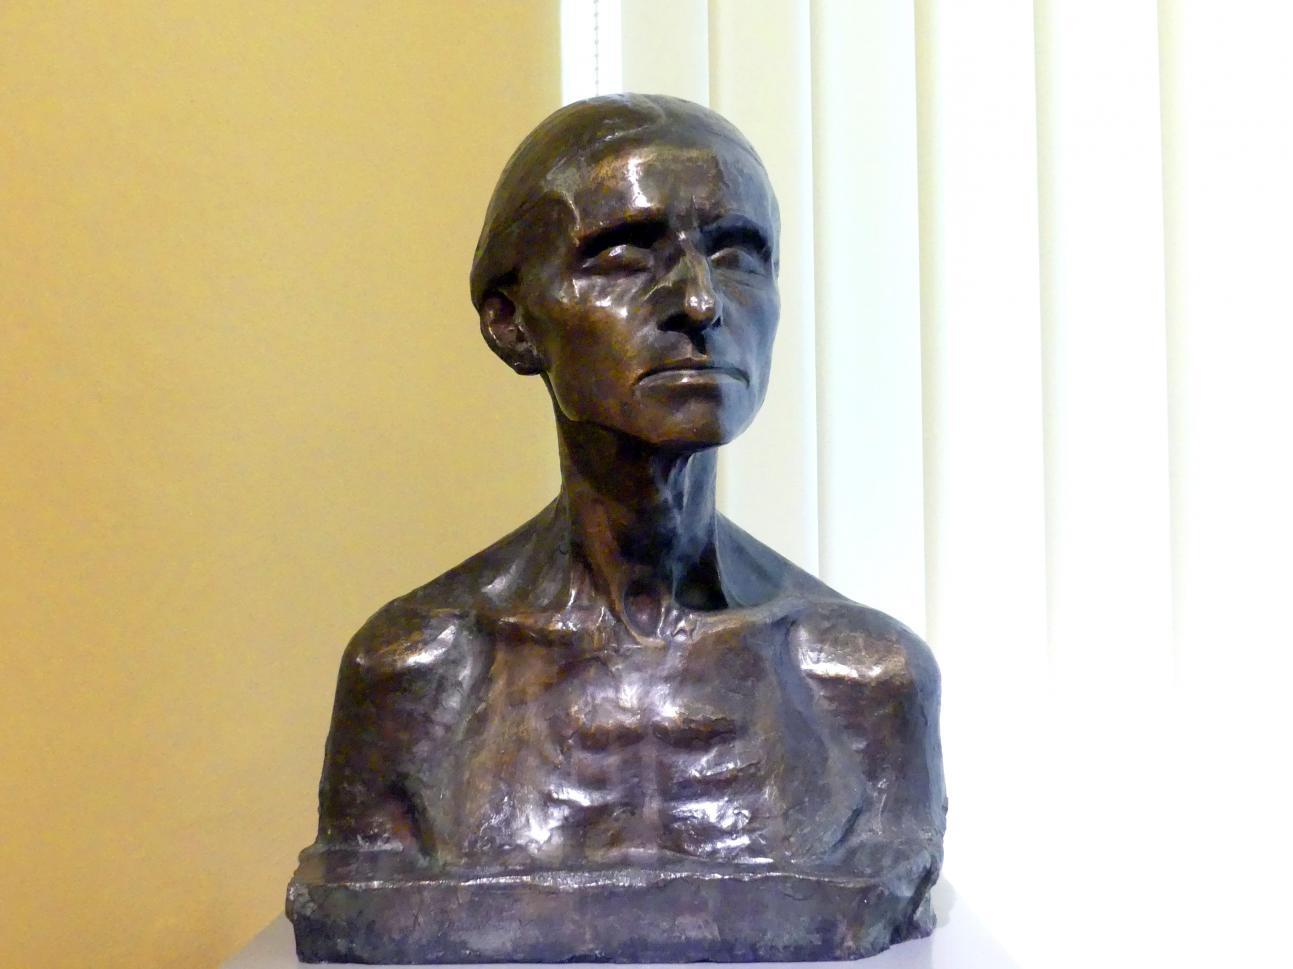 Xawery Dunikowski: Porträt der Mutter des Künstlers, 1899